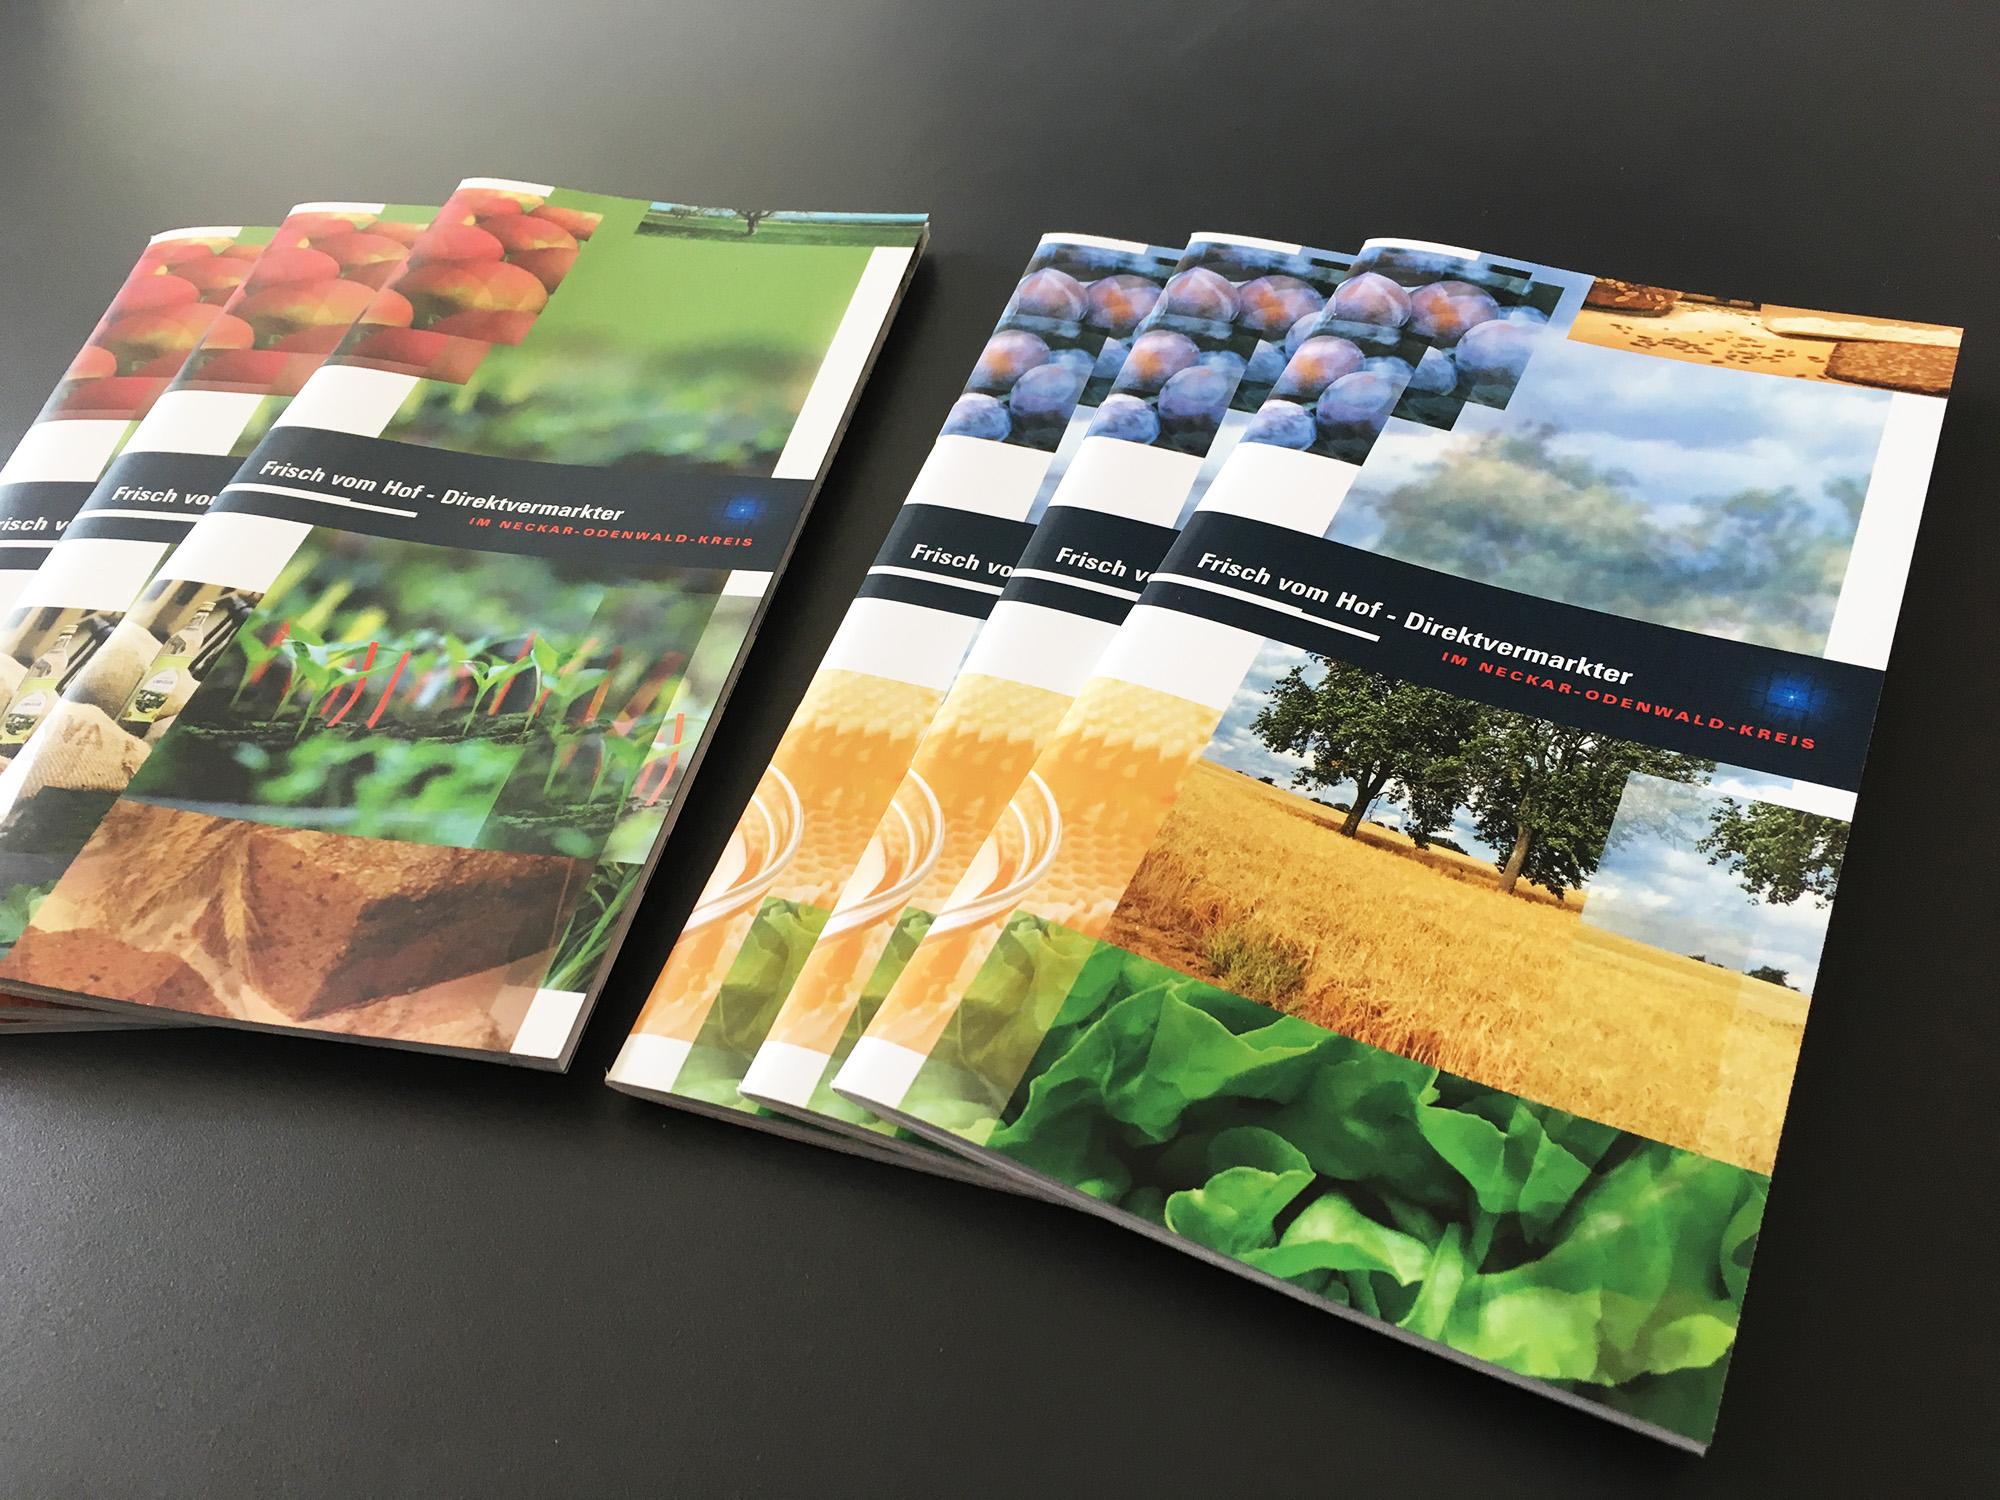 NOK Wirtschaftsförderung Direktvermarktung Broschüre